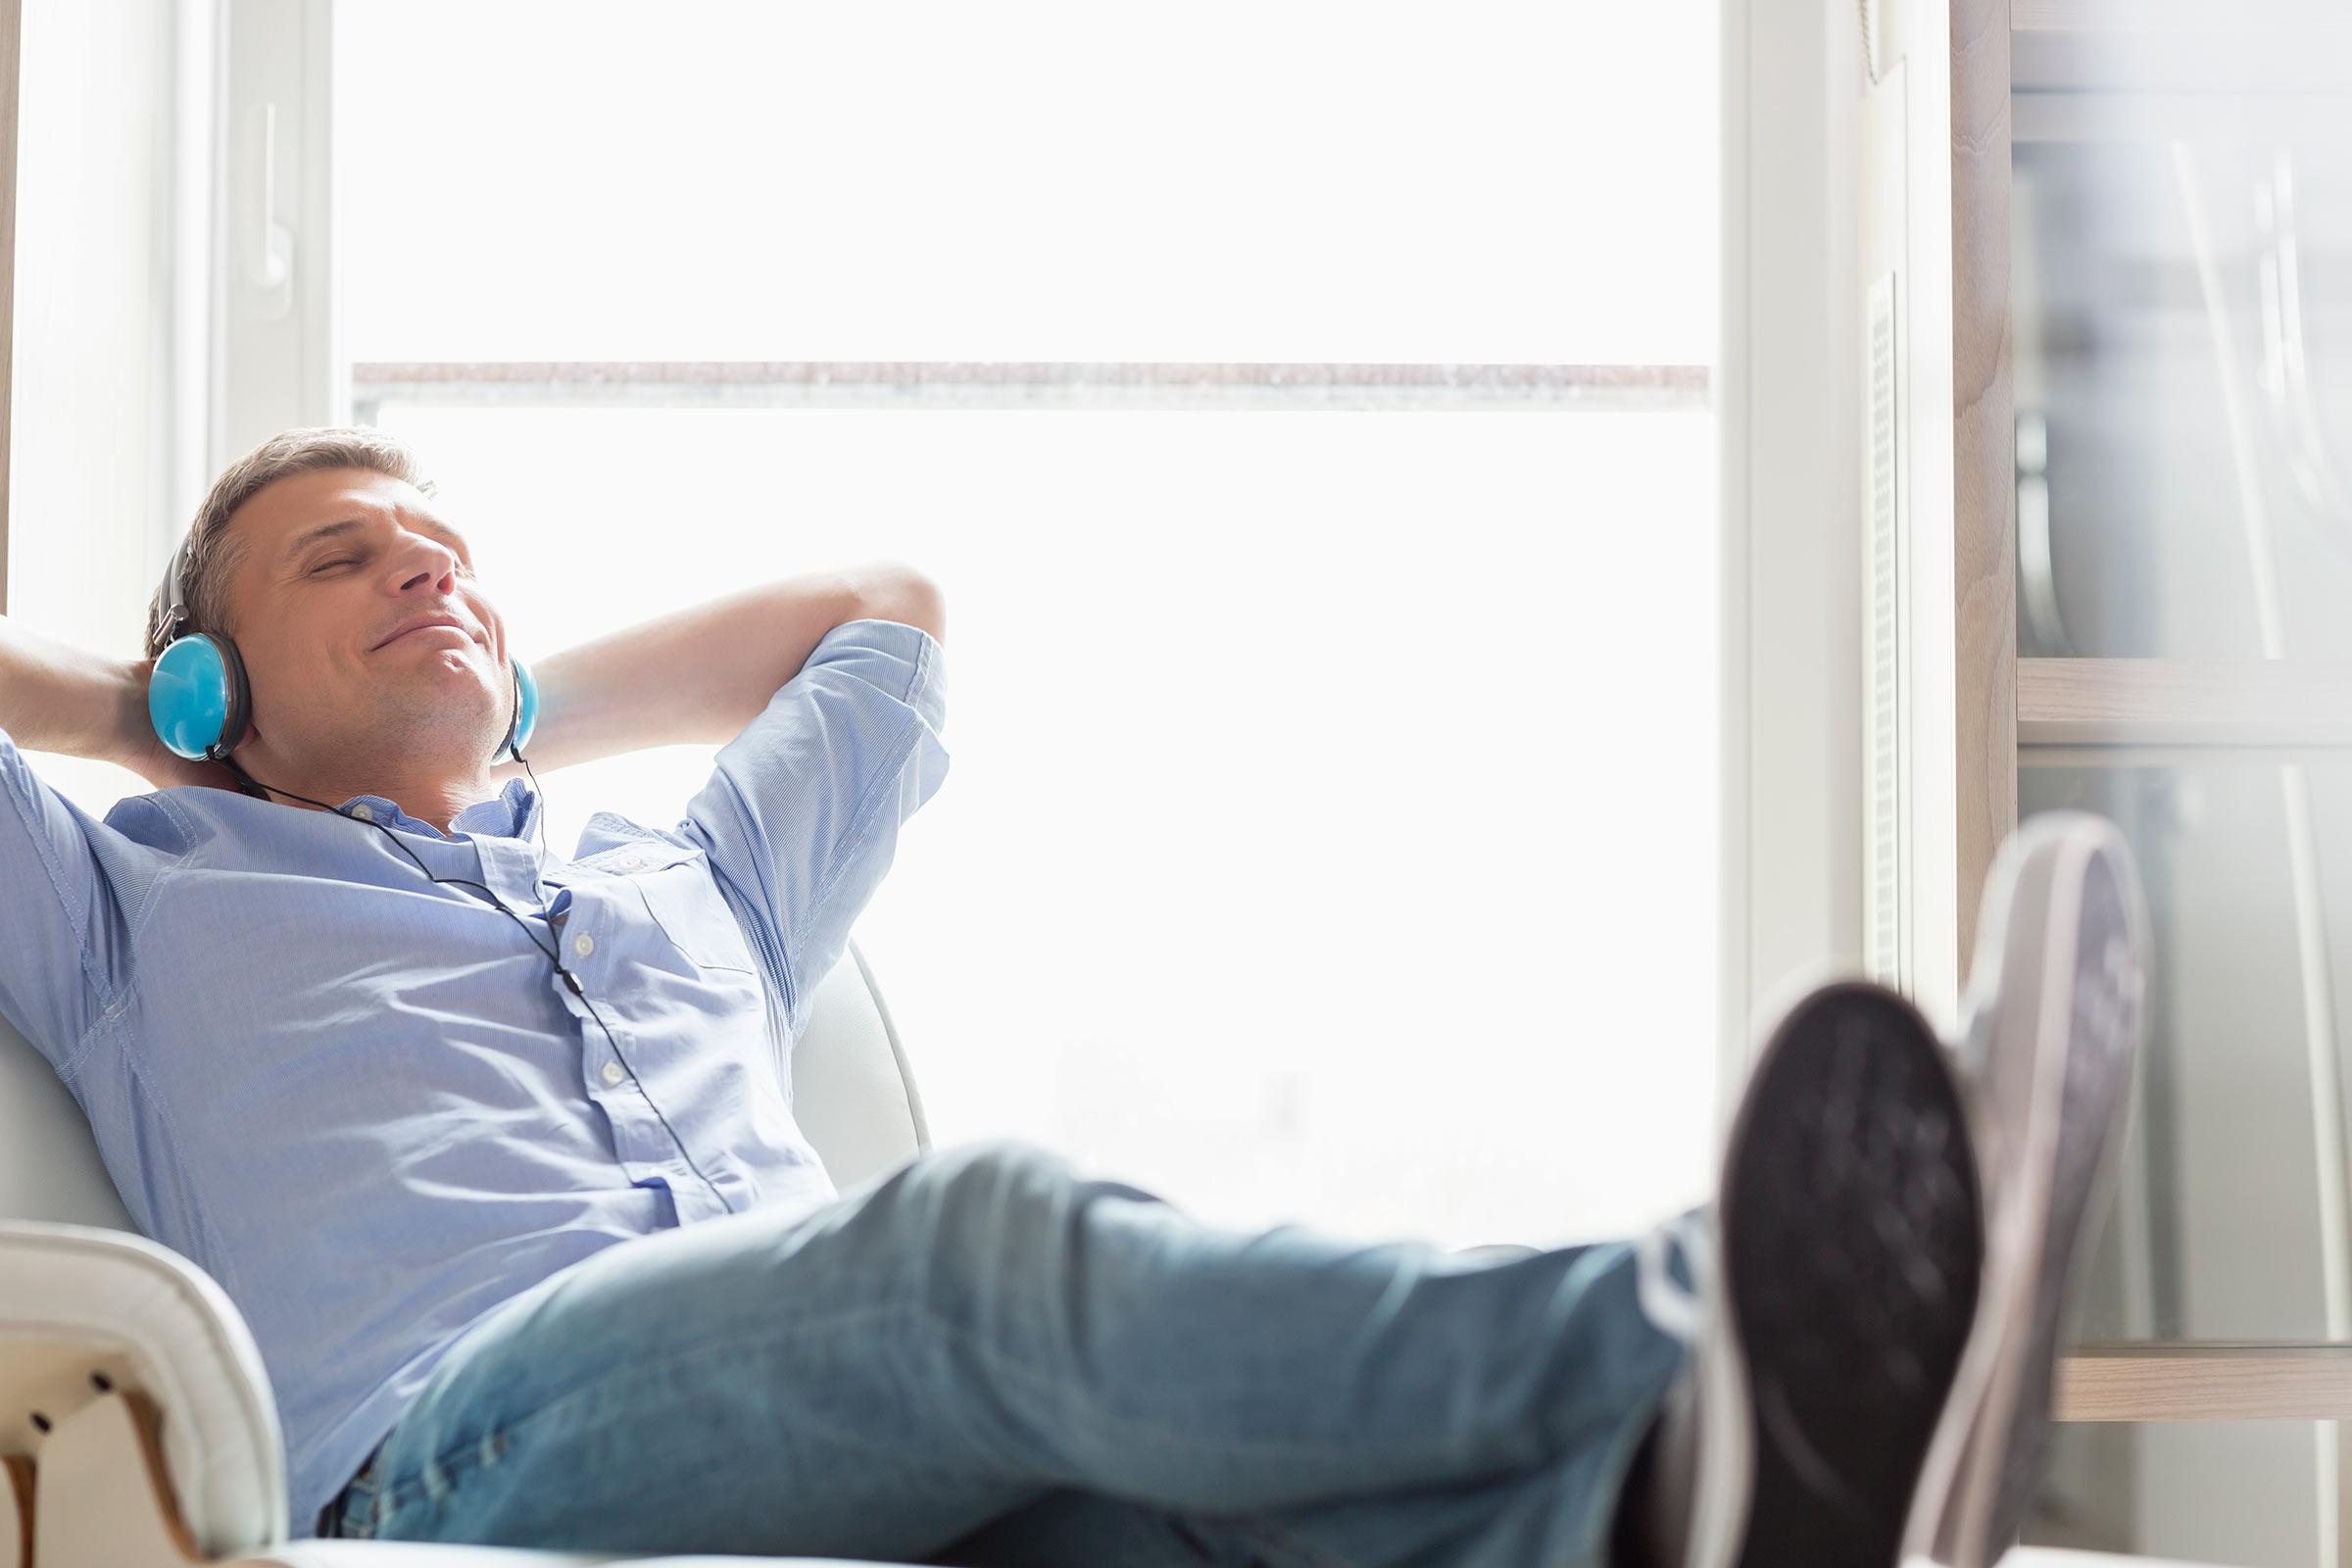 Man listening to bipolar disorder seminar